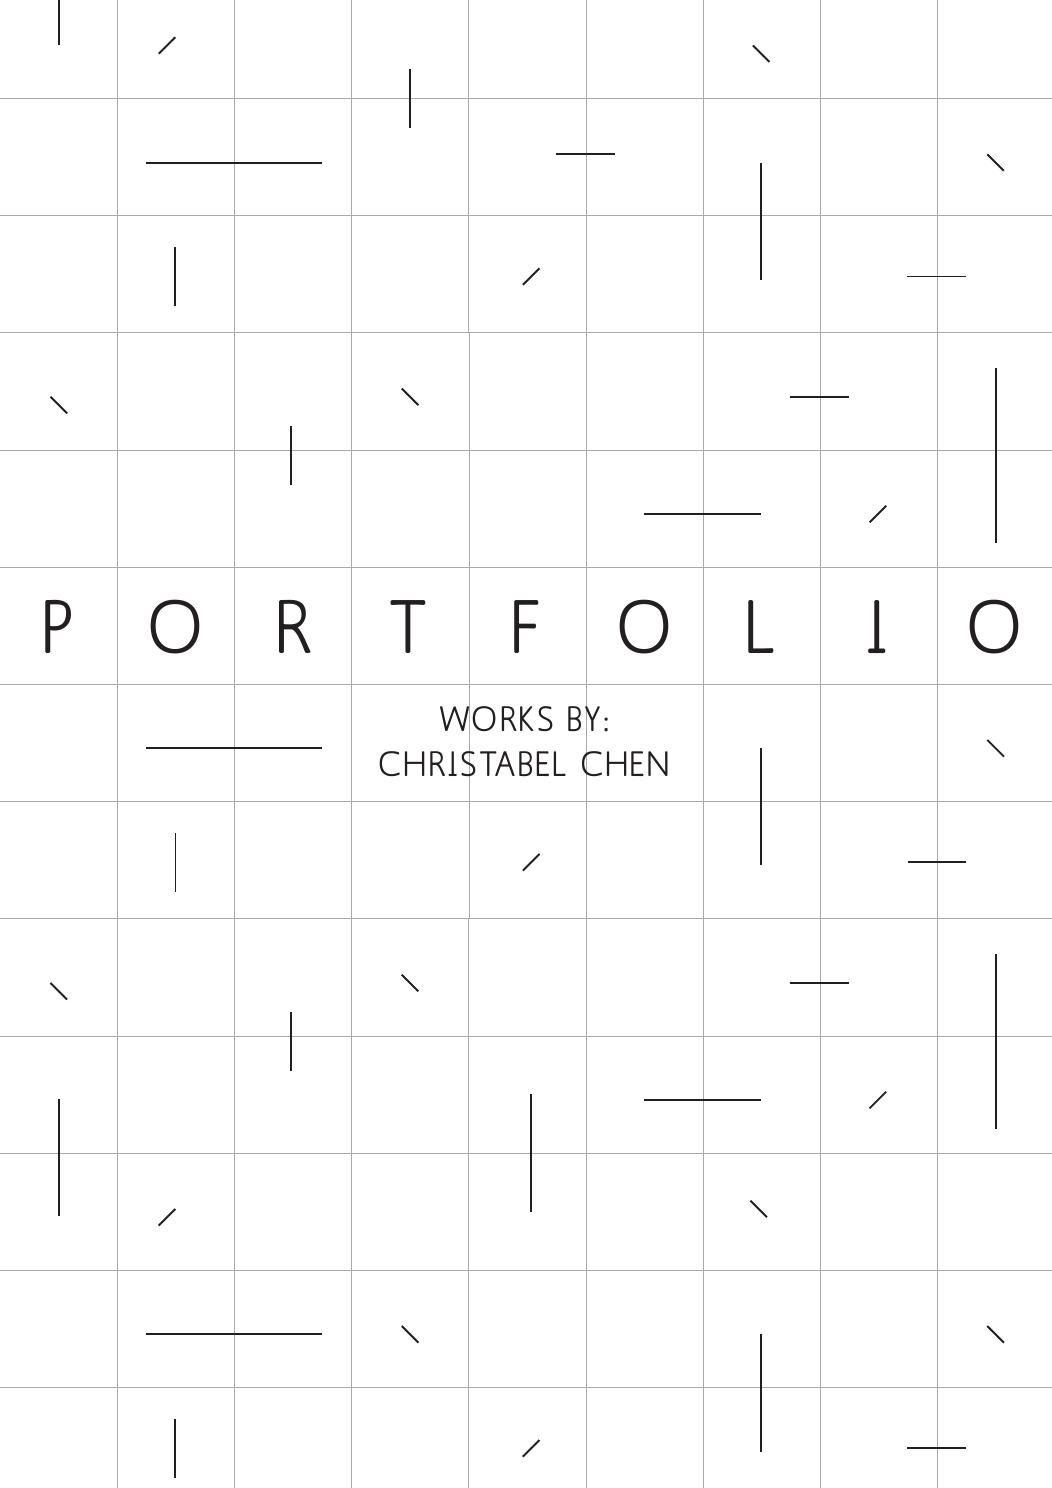 Interior architecture design portfolio portfolio portfolio design portfolio design for Interior design portfolio cover